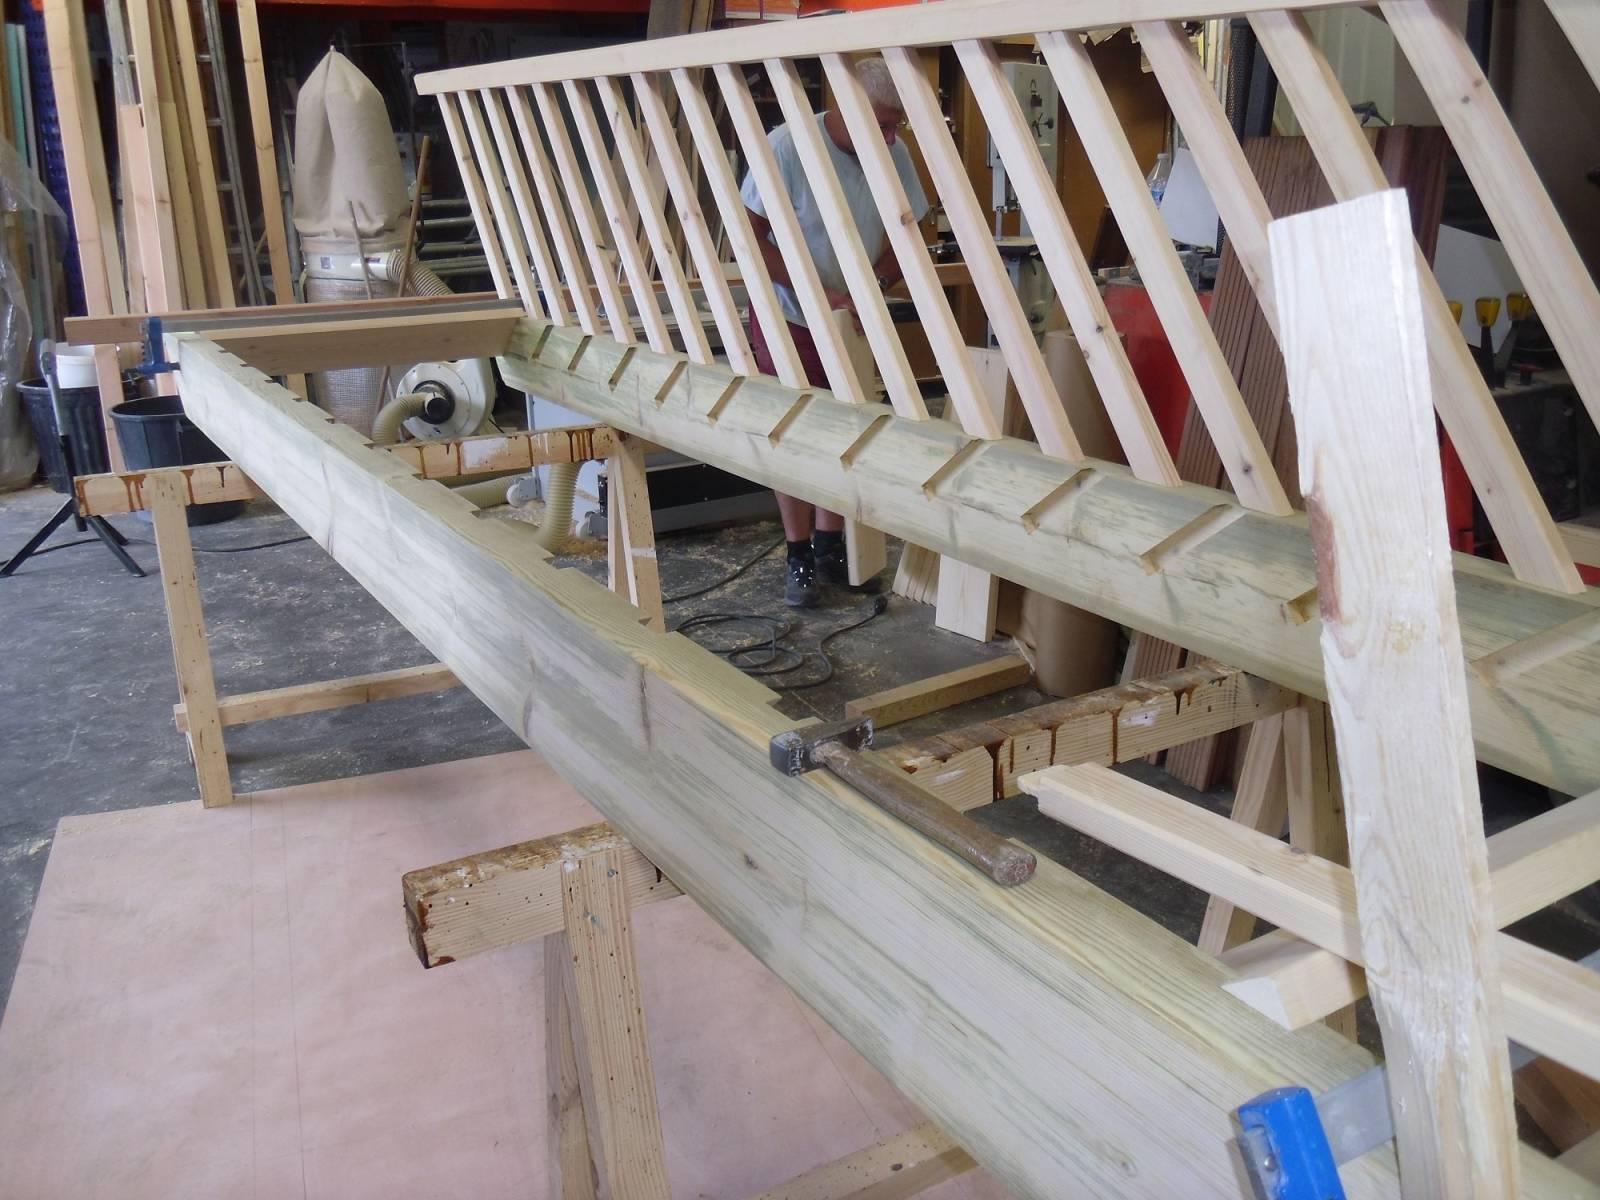 fabriquer son escalier fabriquer son escalier nouveau. Black Bedroom Furniture Sets. Home Design Ideas